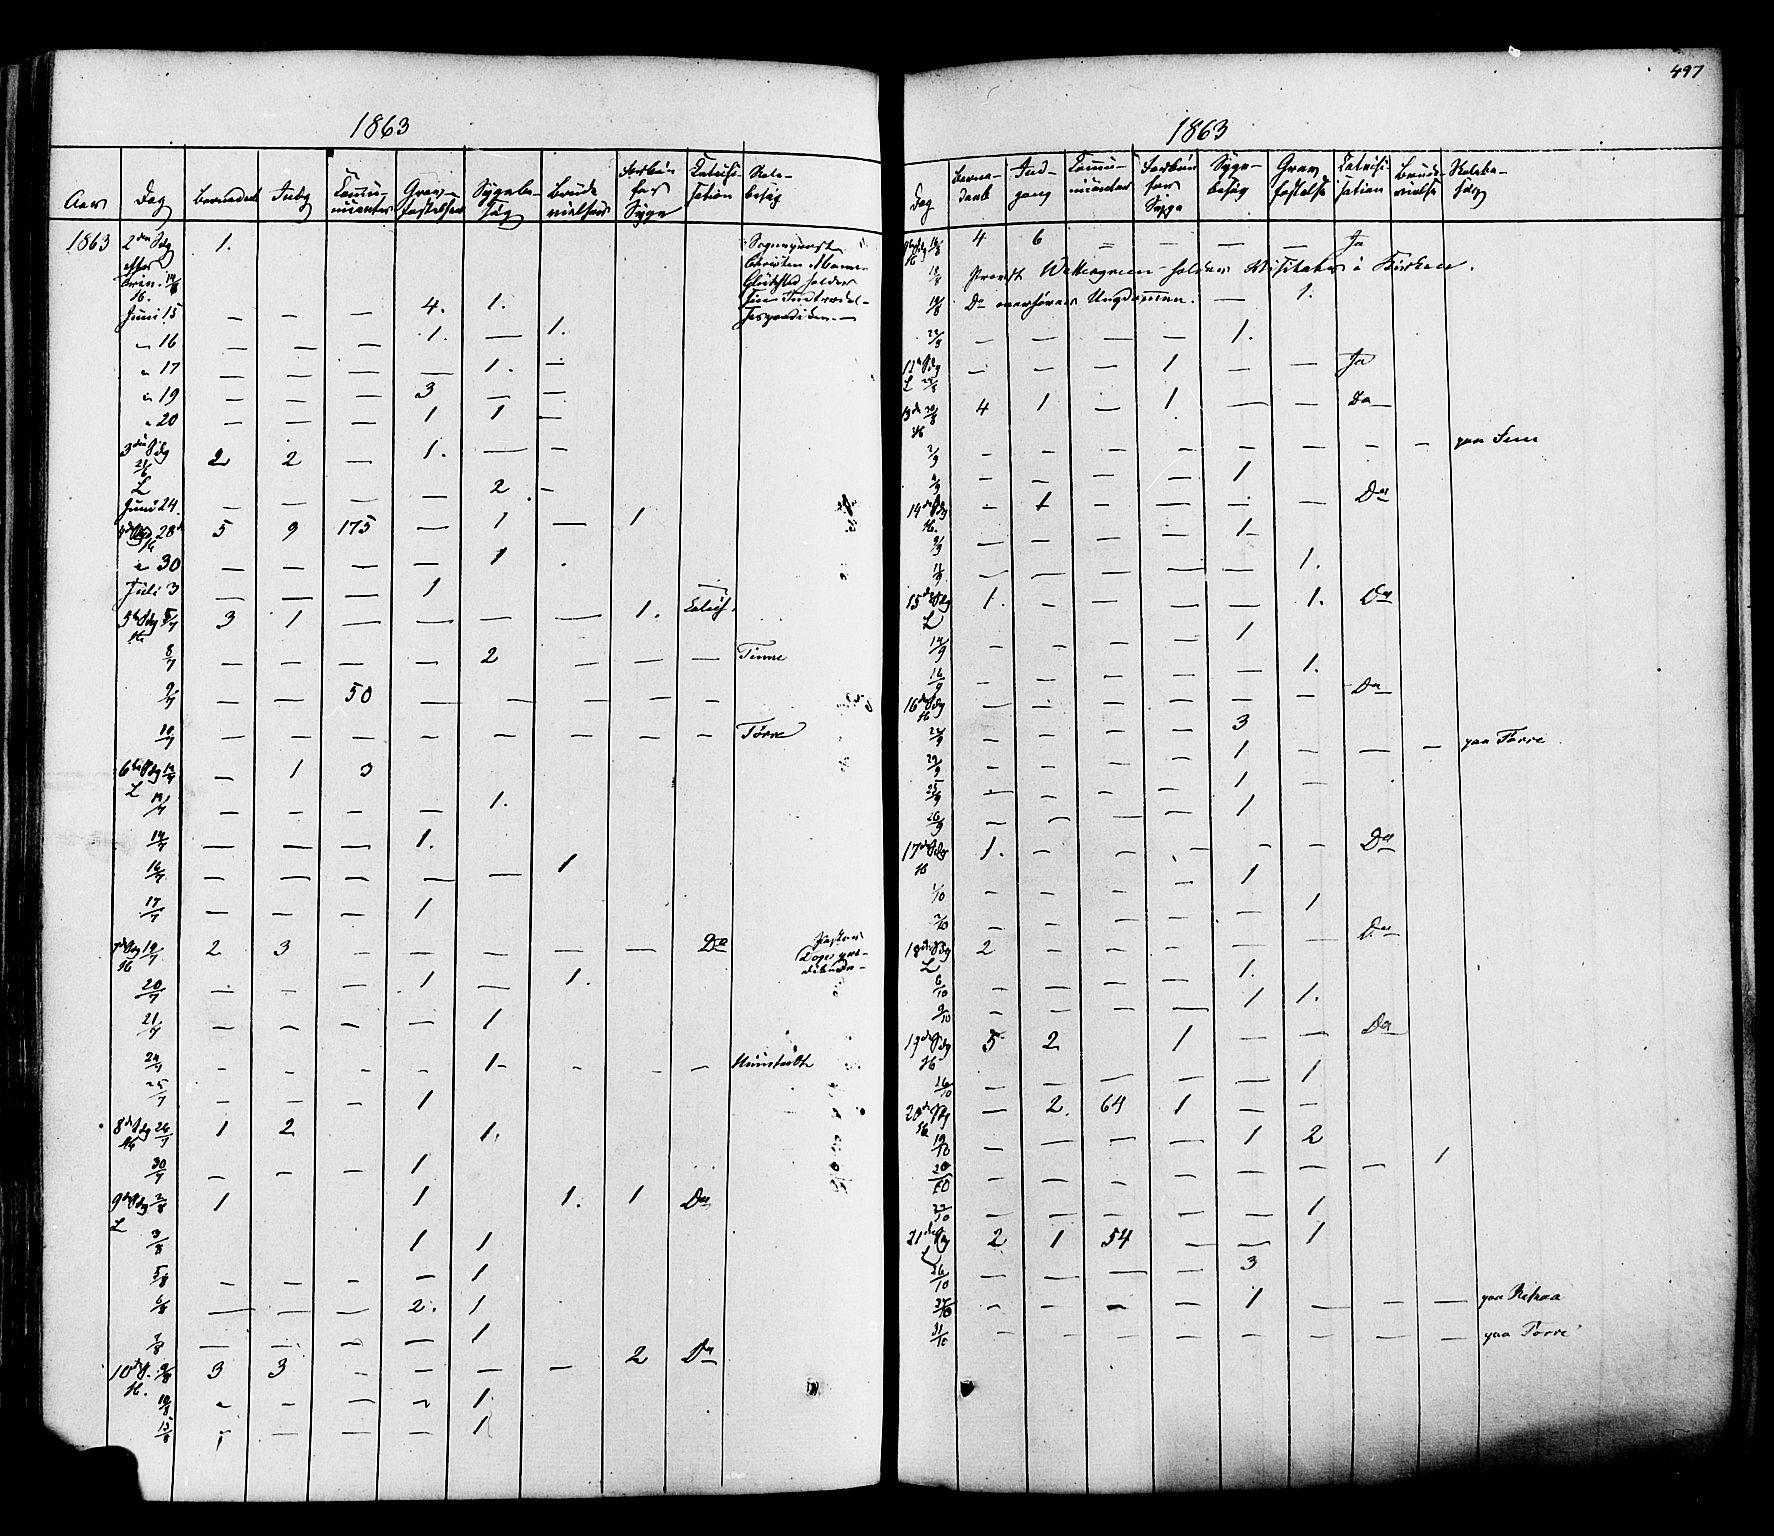 SAKO, Heddal kirkebøker, F/Fa/L0007: Ministerialbok nr. I 7, 1855-1877, s. 497